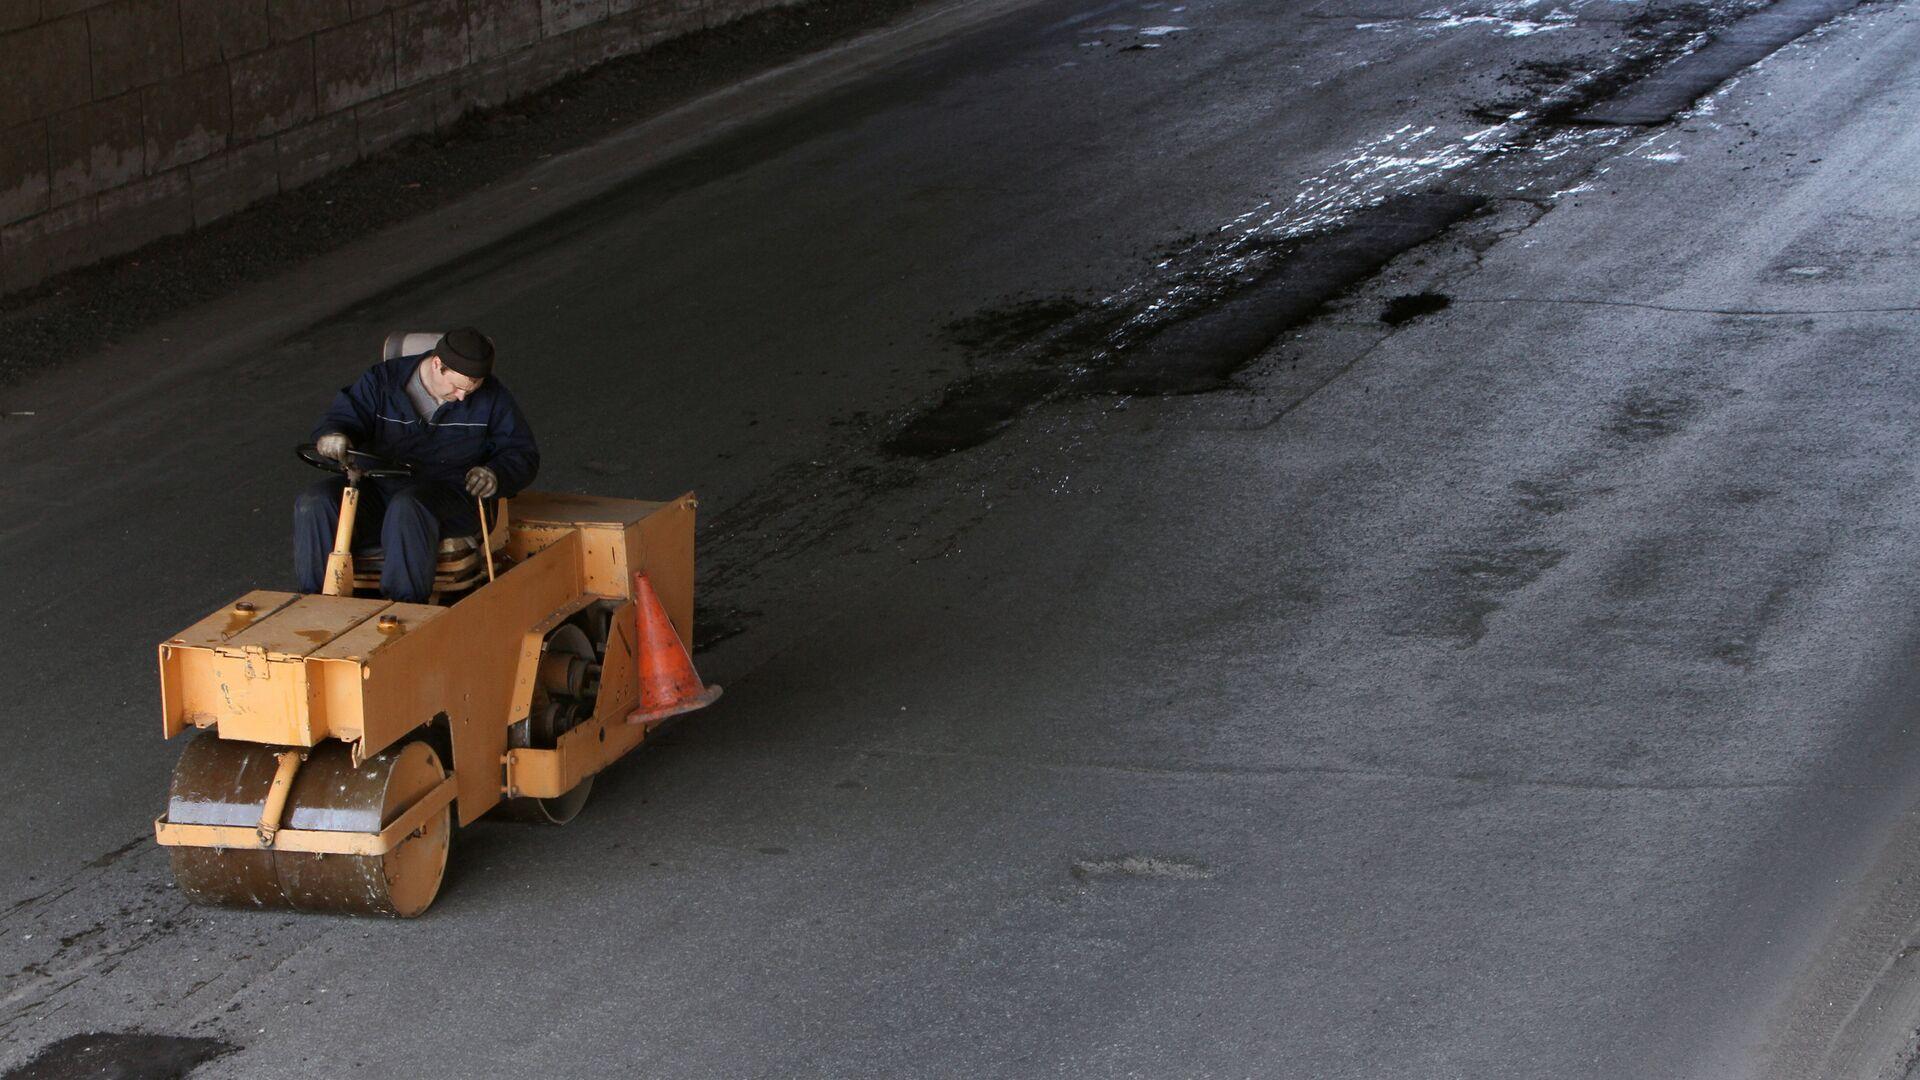 Ремонт дорог в Омске - РИА Новости, 1920, 29.07.2021